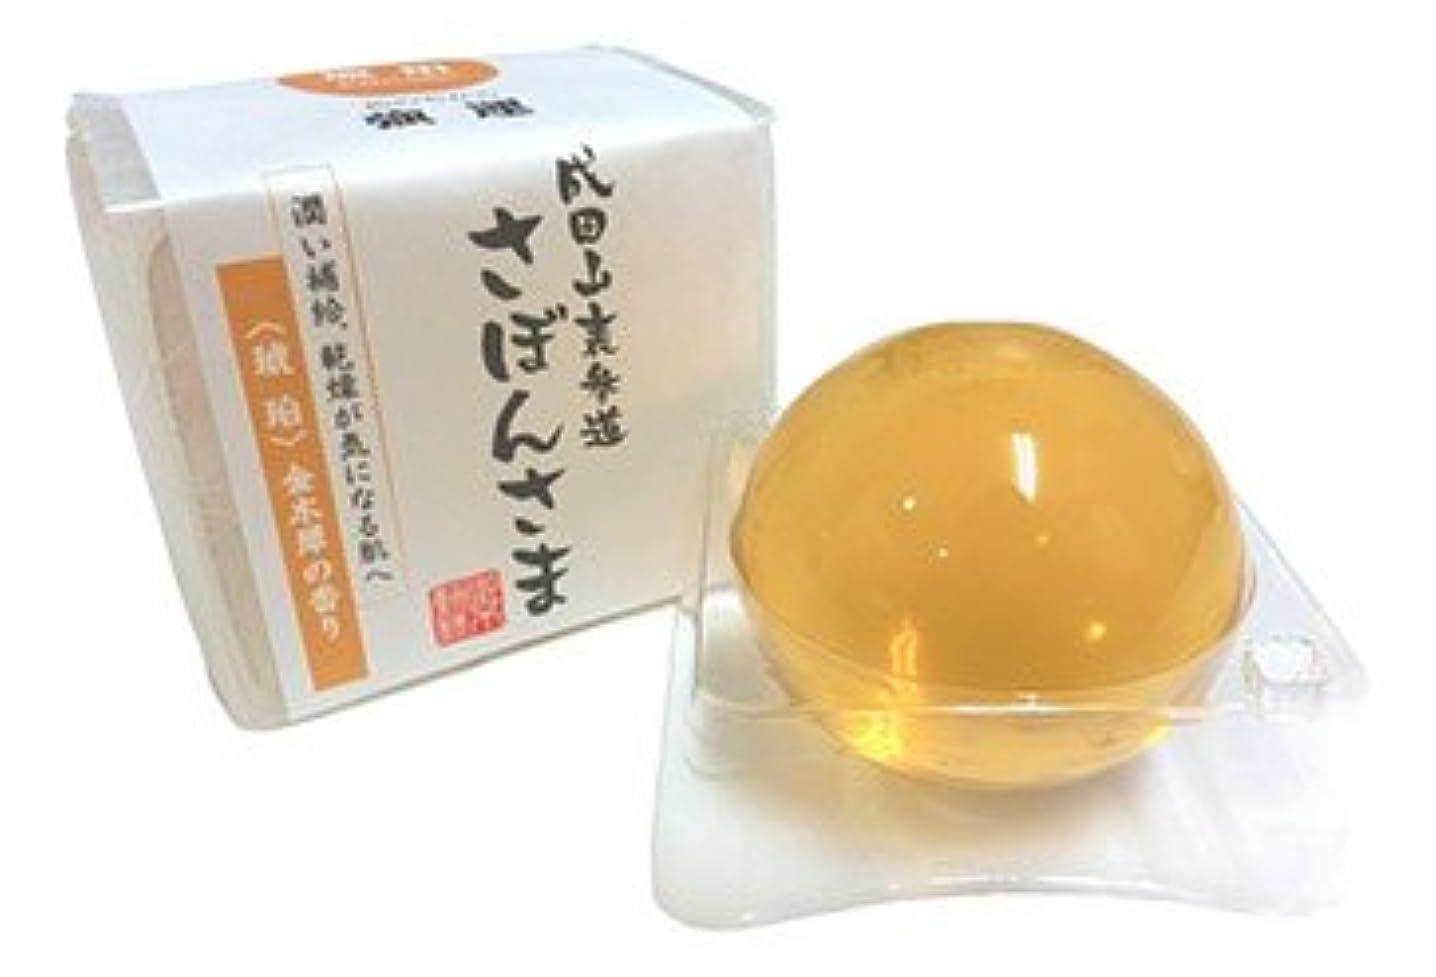 執着集める妻成田山表参道 さぼんさま〈琥珀〉金木犀の香り 100g